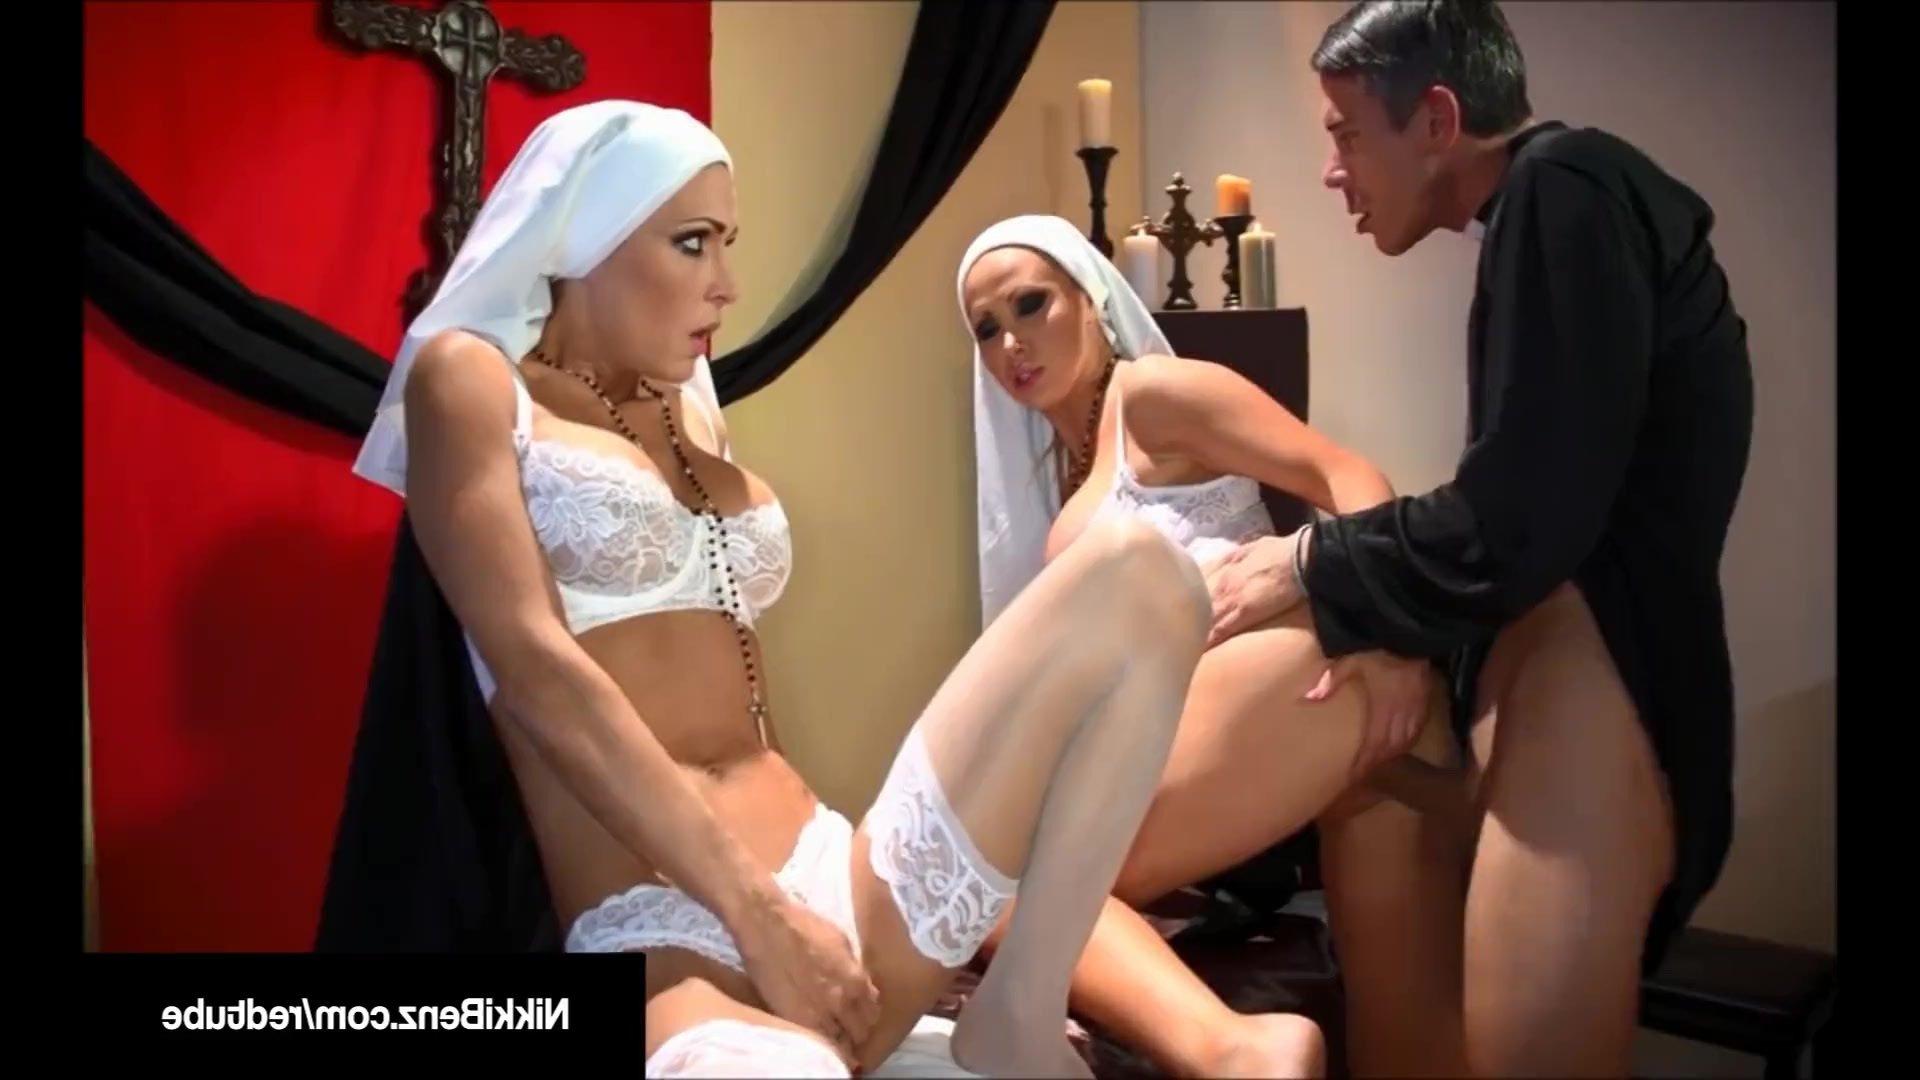 Трахнул сисястую монашку, Большие сиськи монашек - видео Yo-Sex 10 фотография